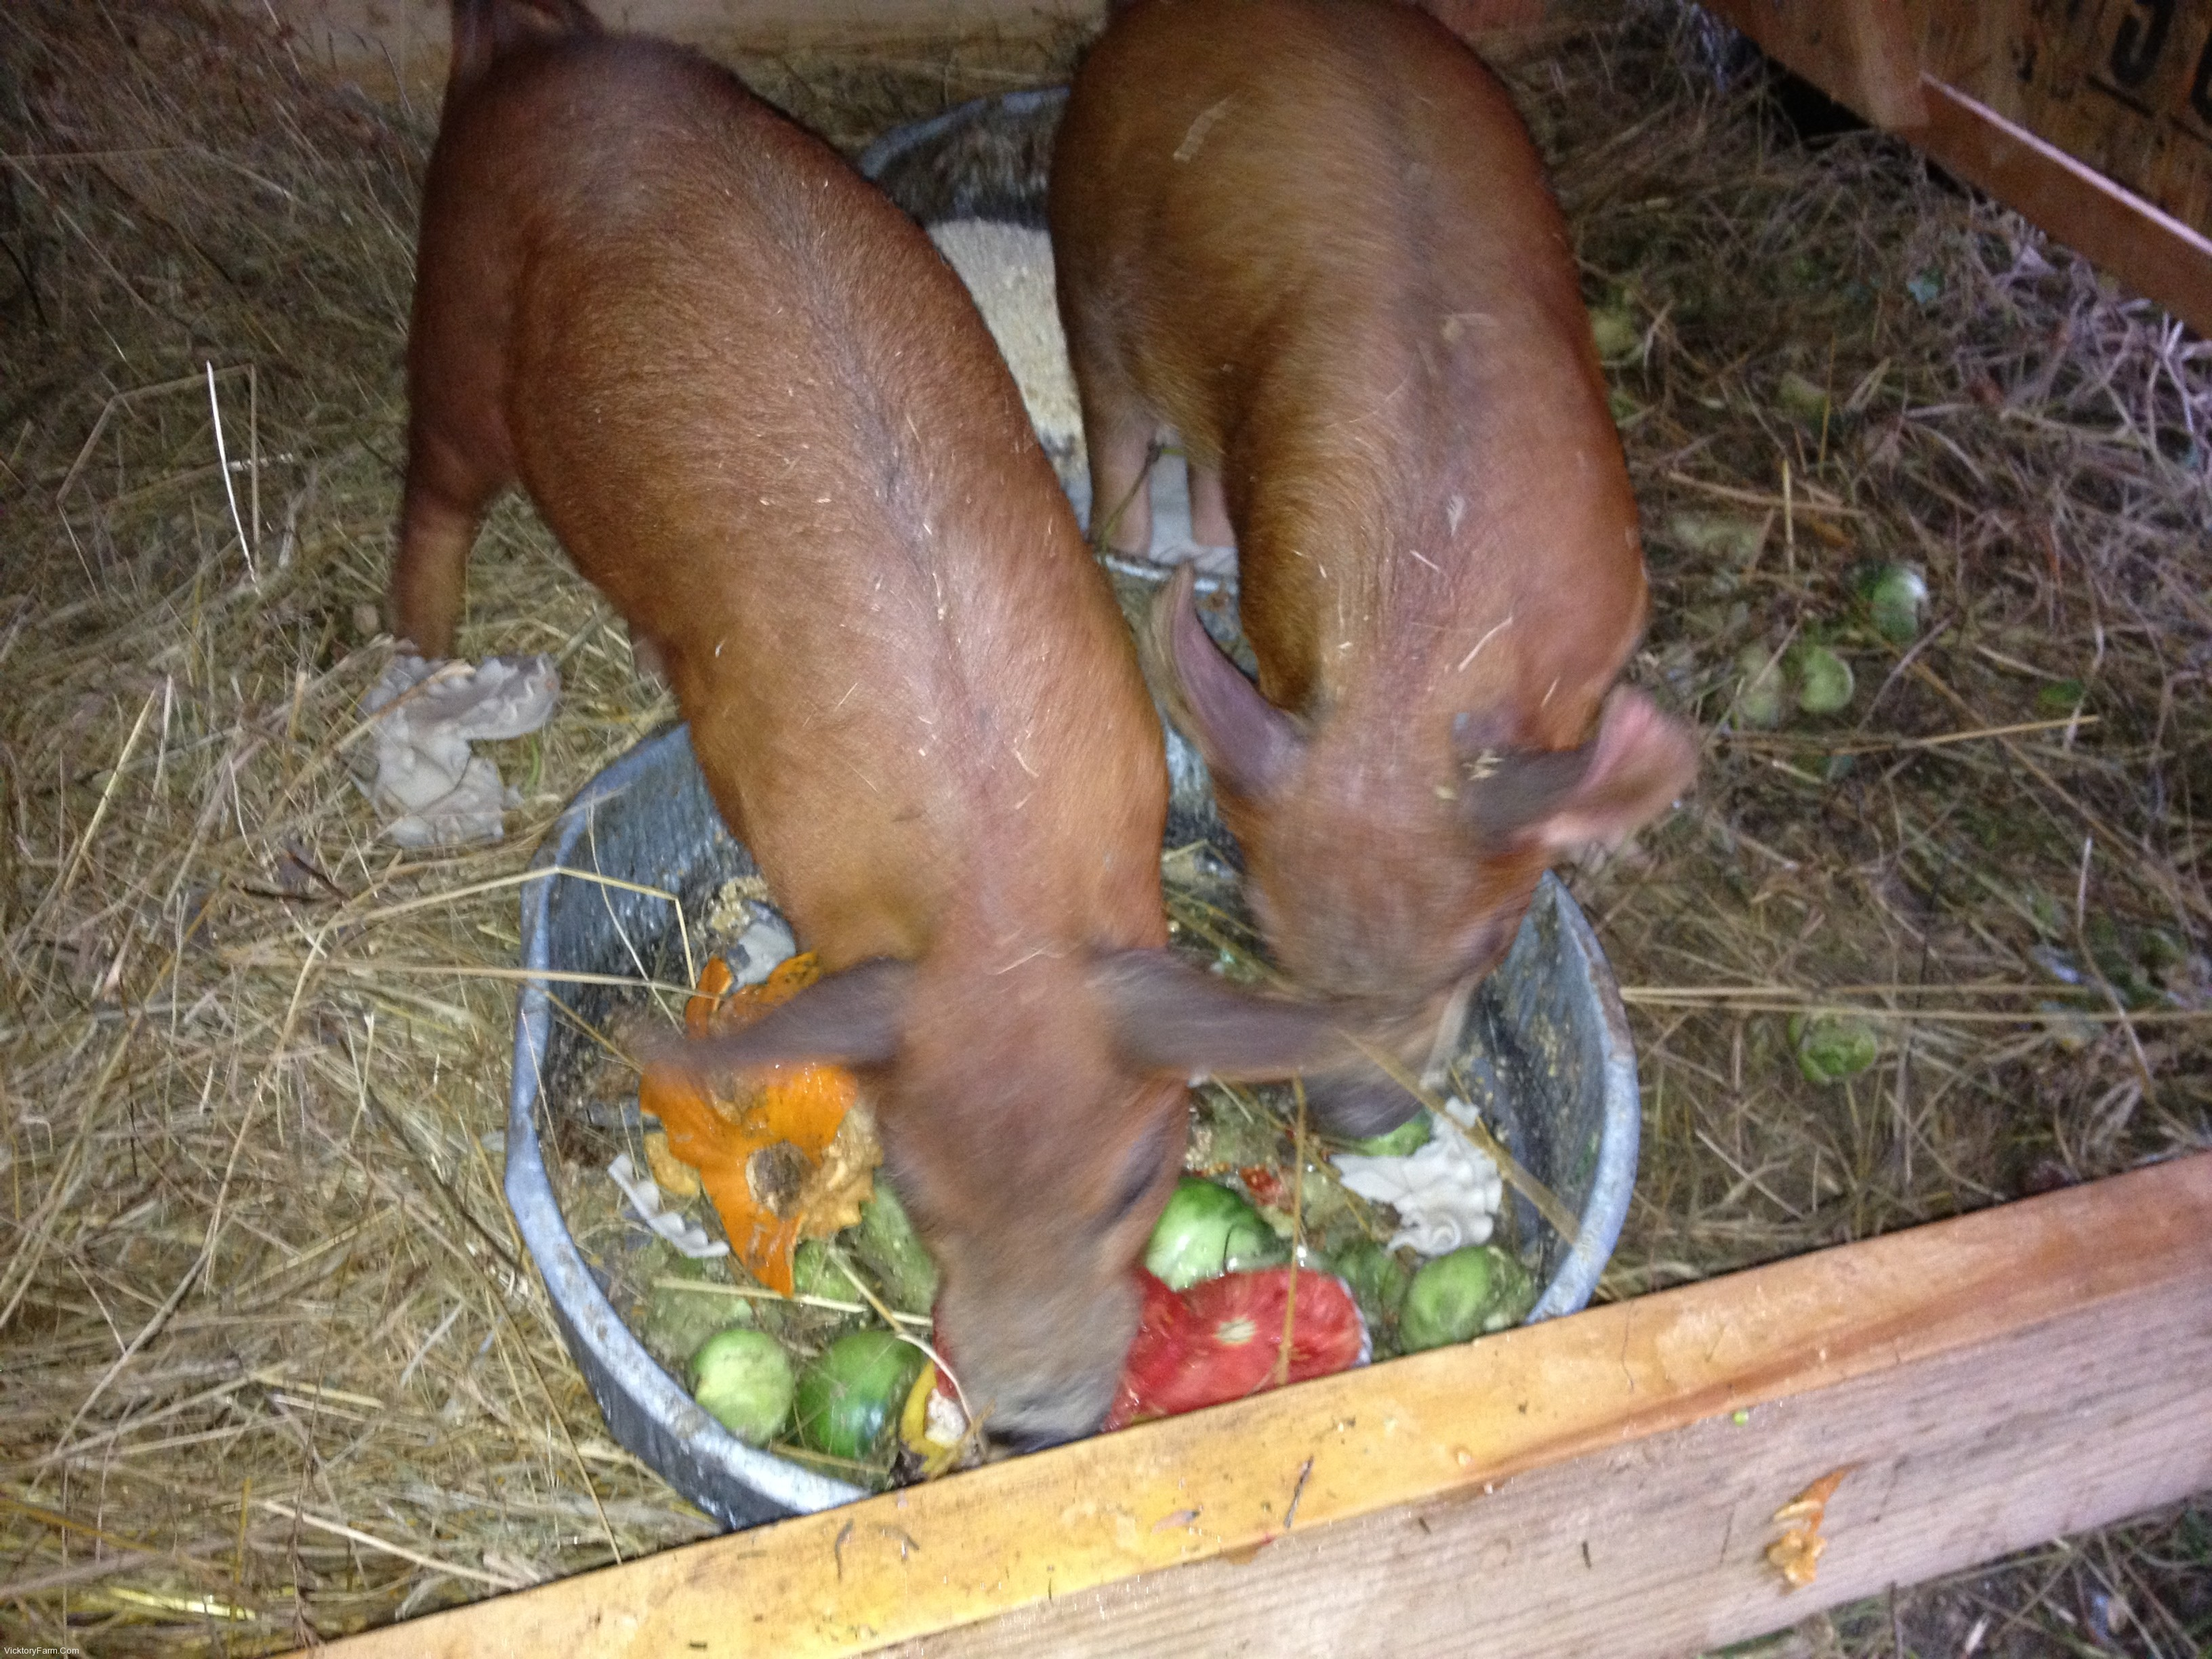 Pigs Vicktory Farm